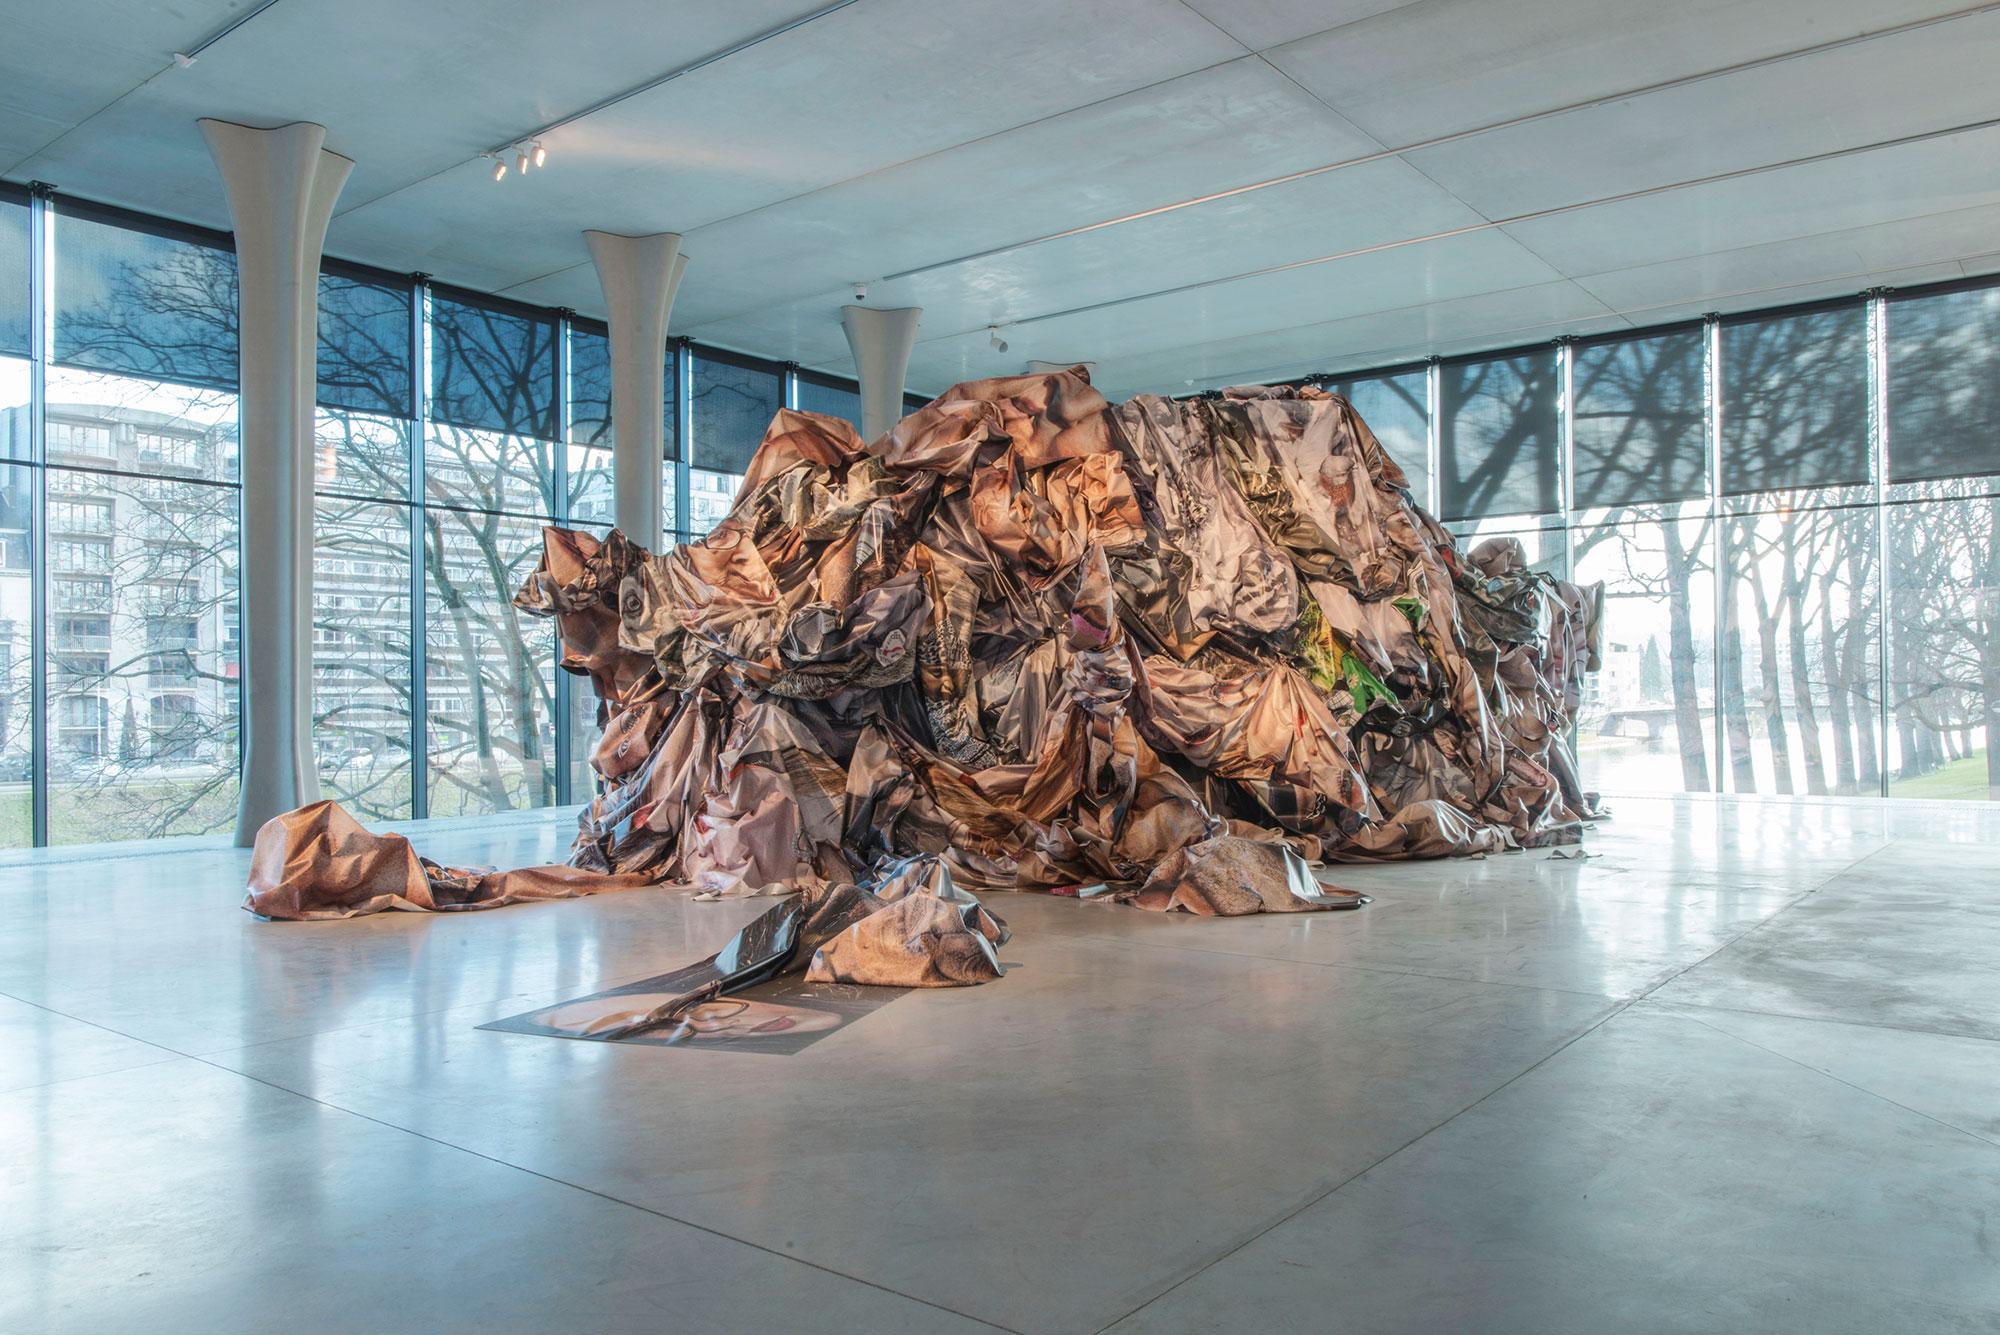 藤原聡志インタヴュー「写真は、変幻自在に世界と関係していく」 | © BIP2018-PHOTO Guilherme Gerais